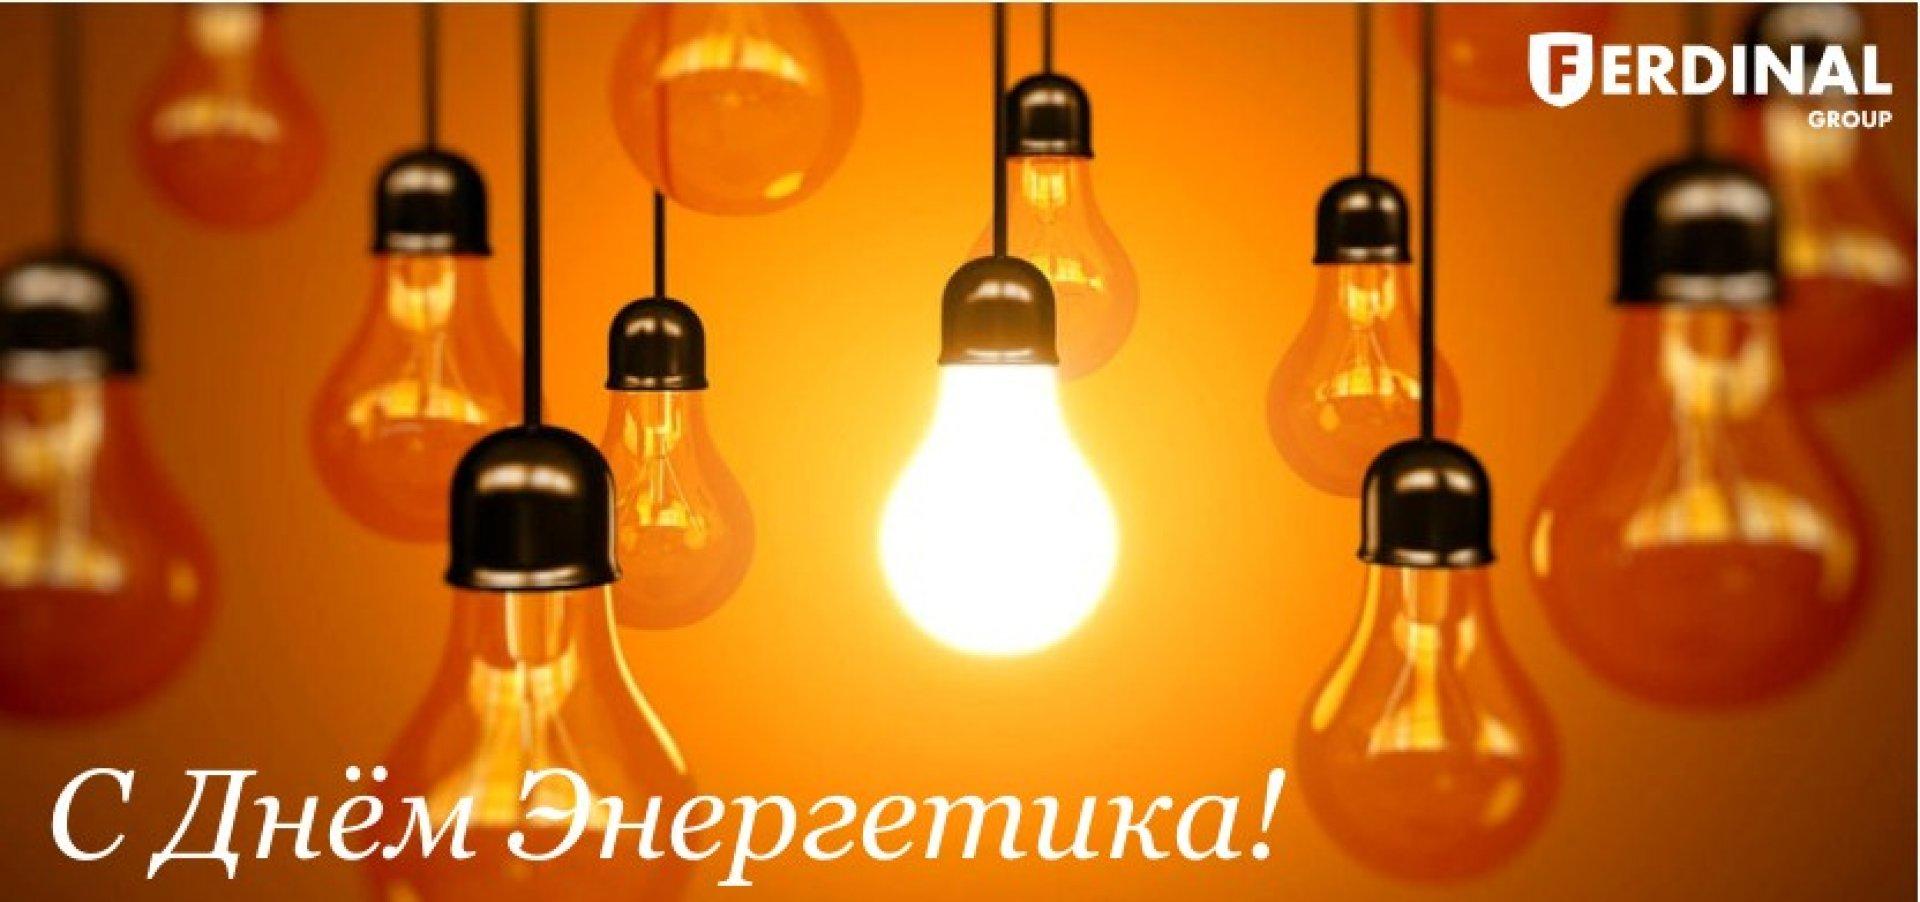 ФердиналГрупп поздравляет коллег С Днем Энергетика!